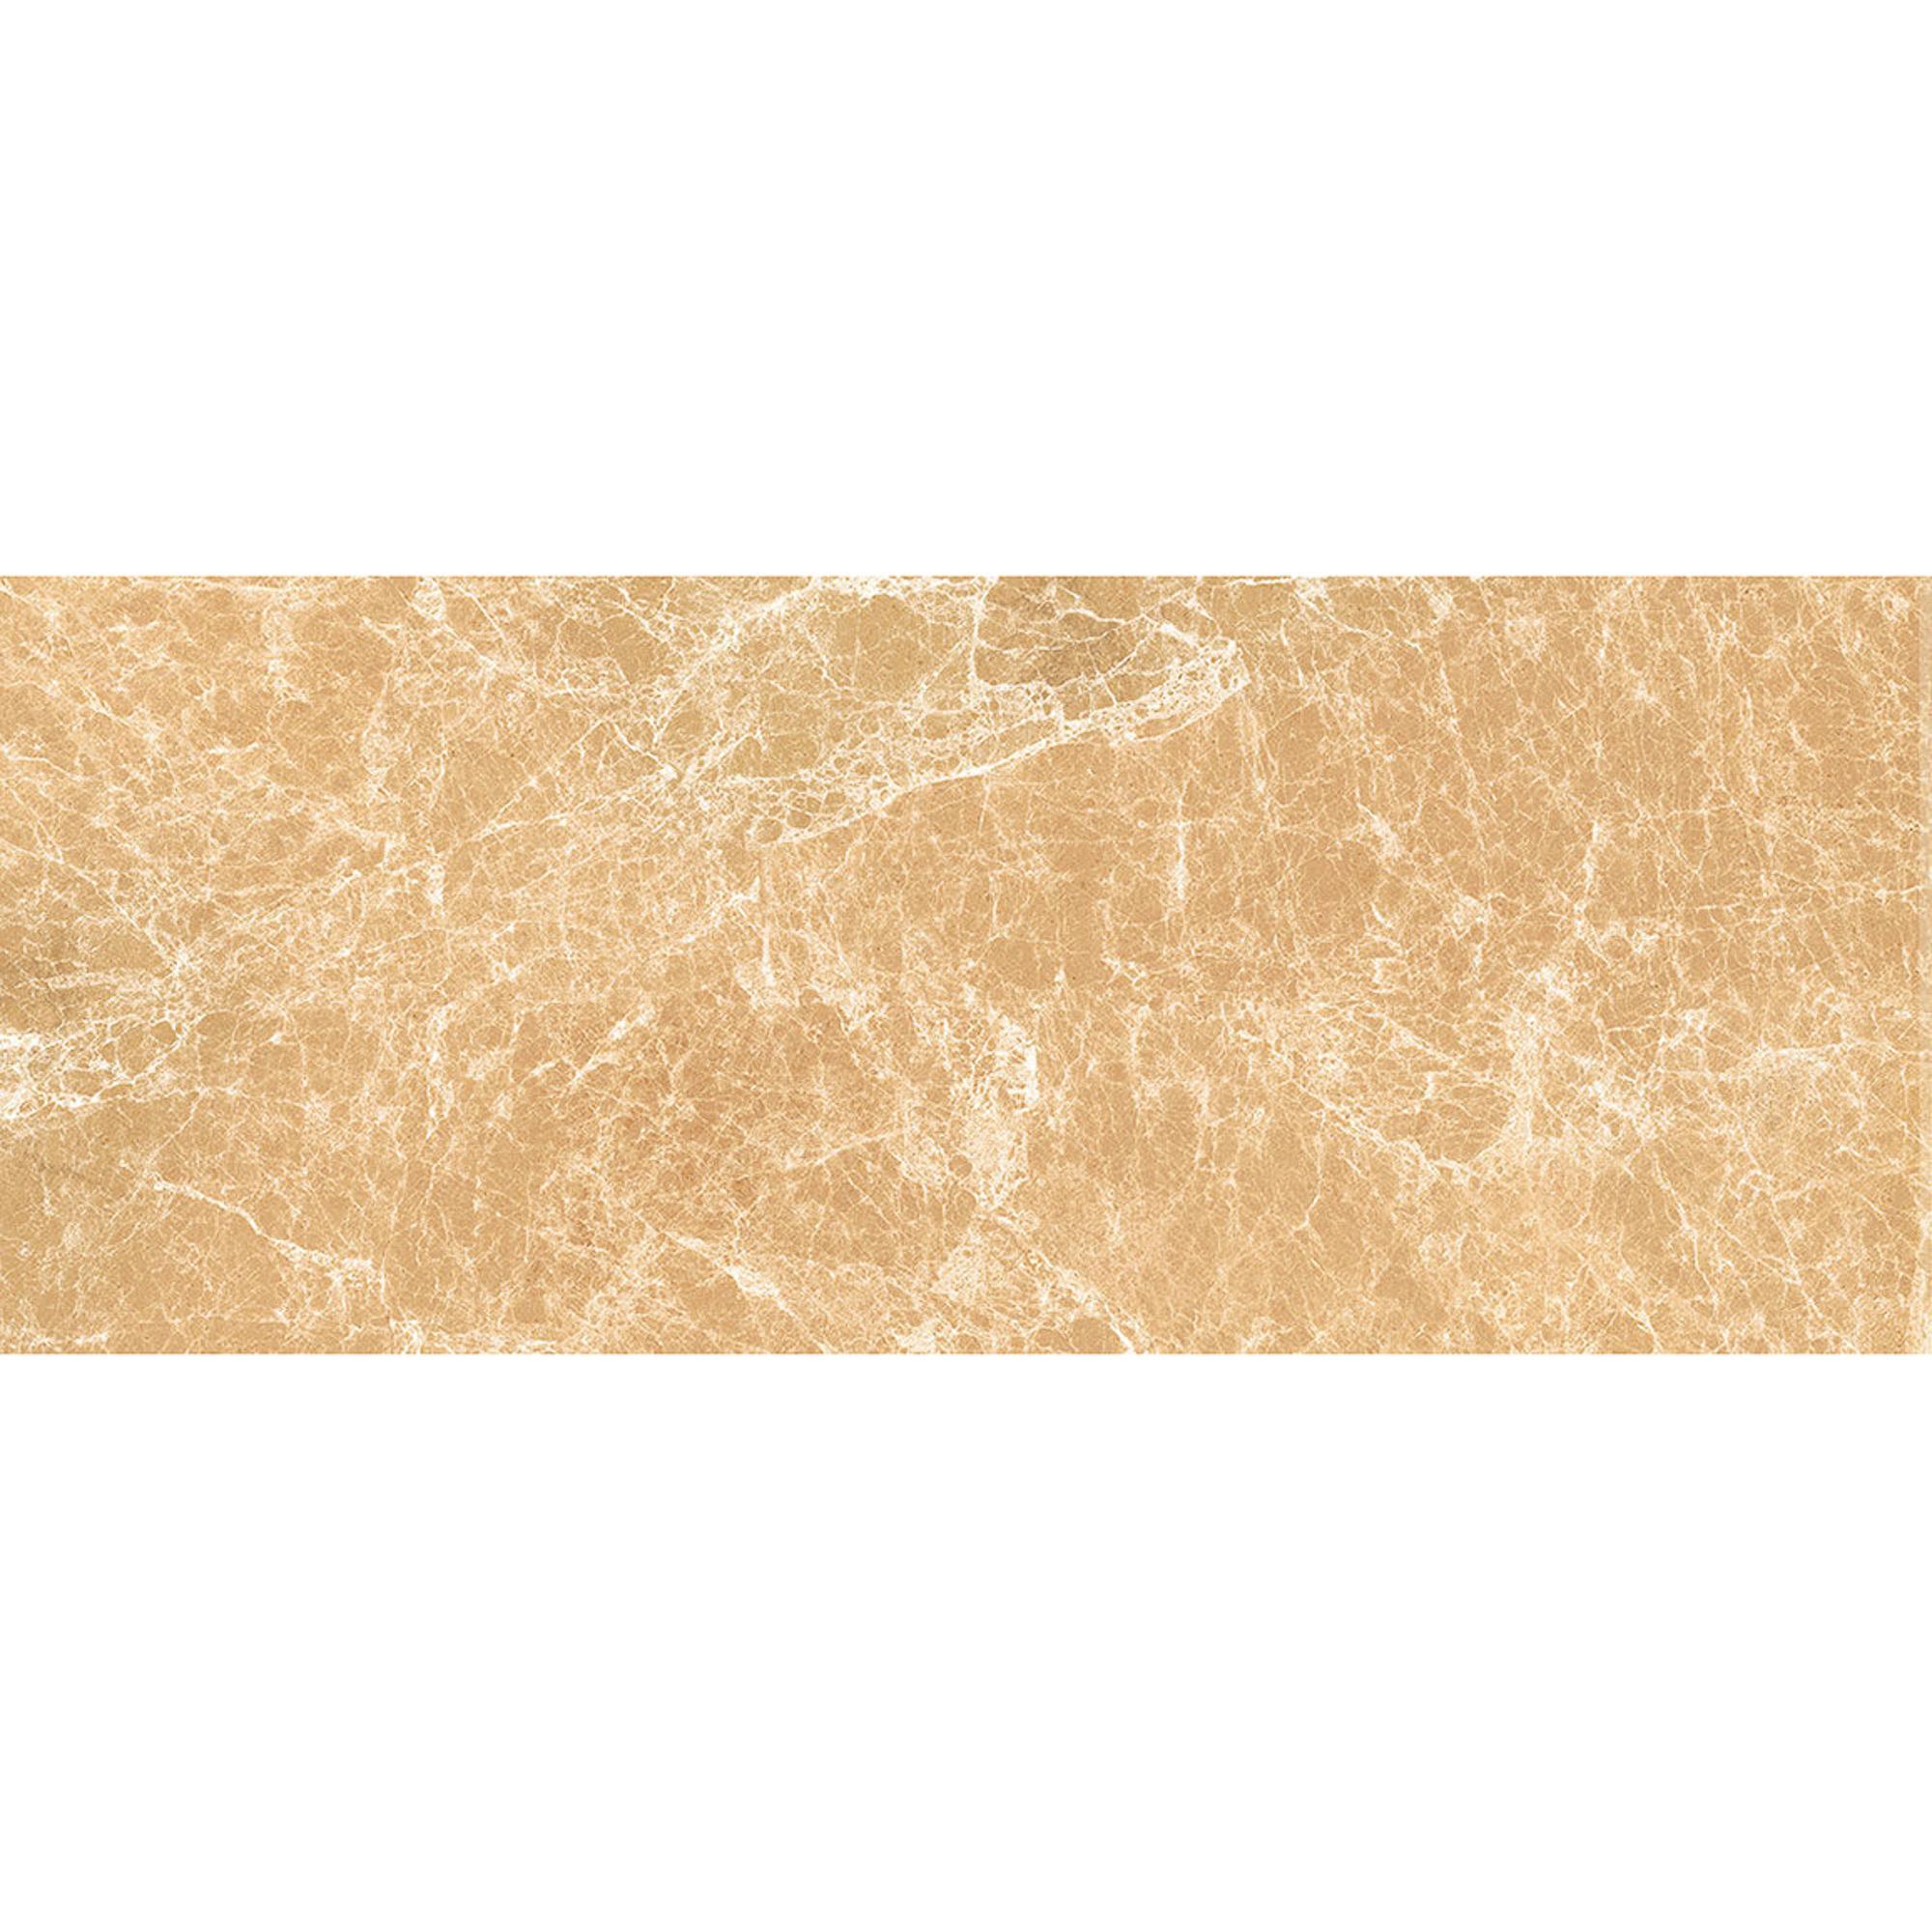 Плитка Kerlife Marmo Noce 50,5x20,1 см плитка kerlife eterna beige 20 1x50 5 см